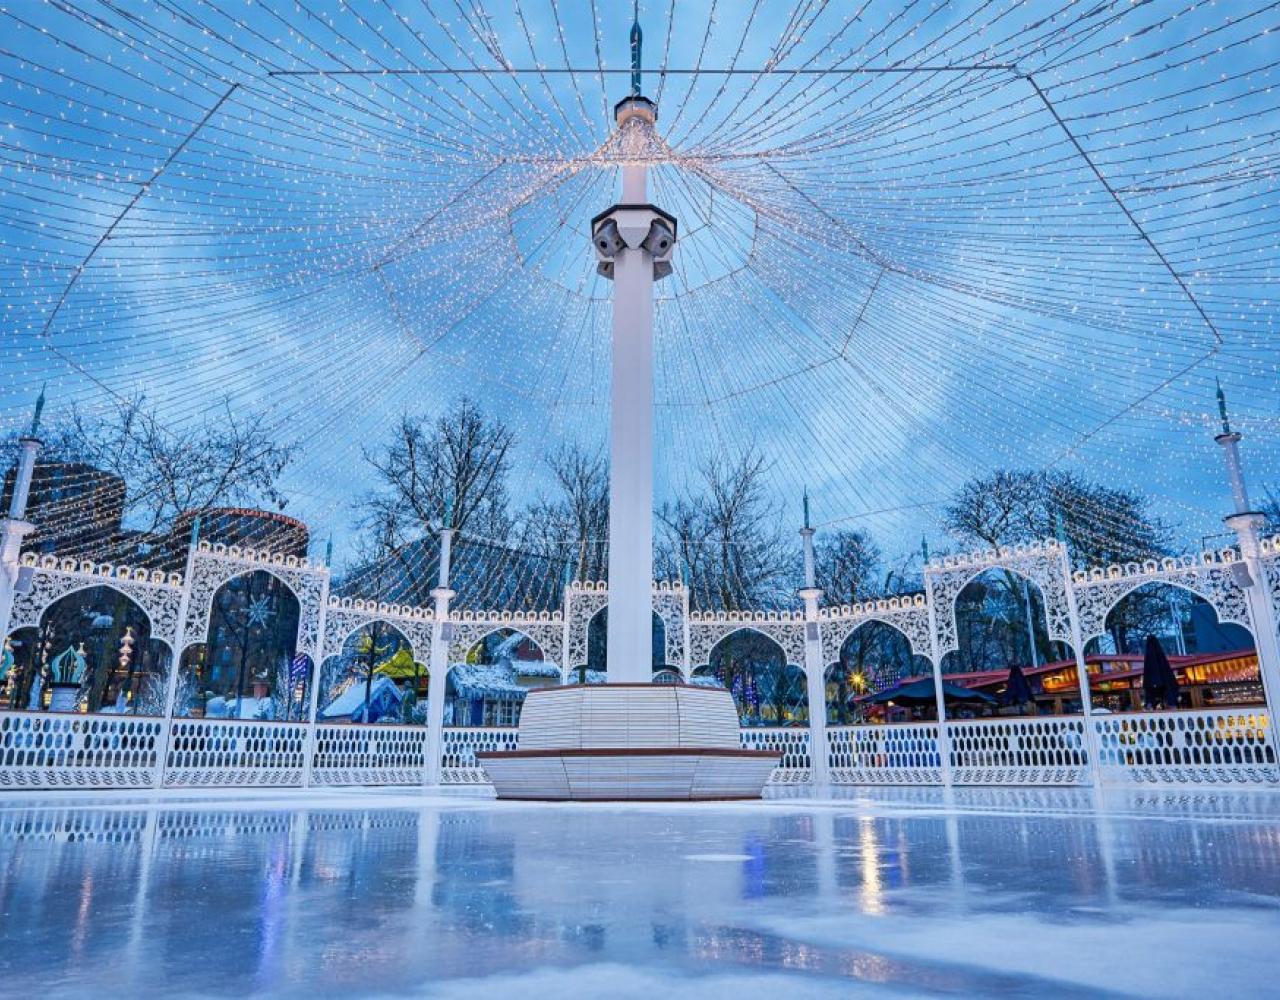 Tivoli får et kæmpe drivhus med musik og blomster | Magasinet KBH